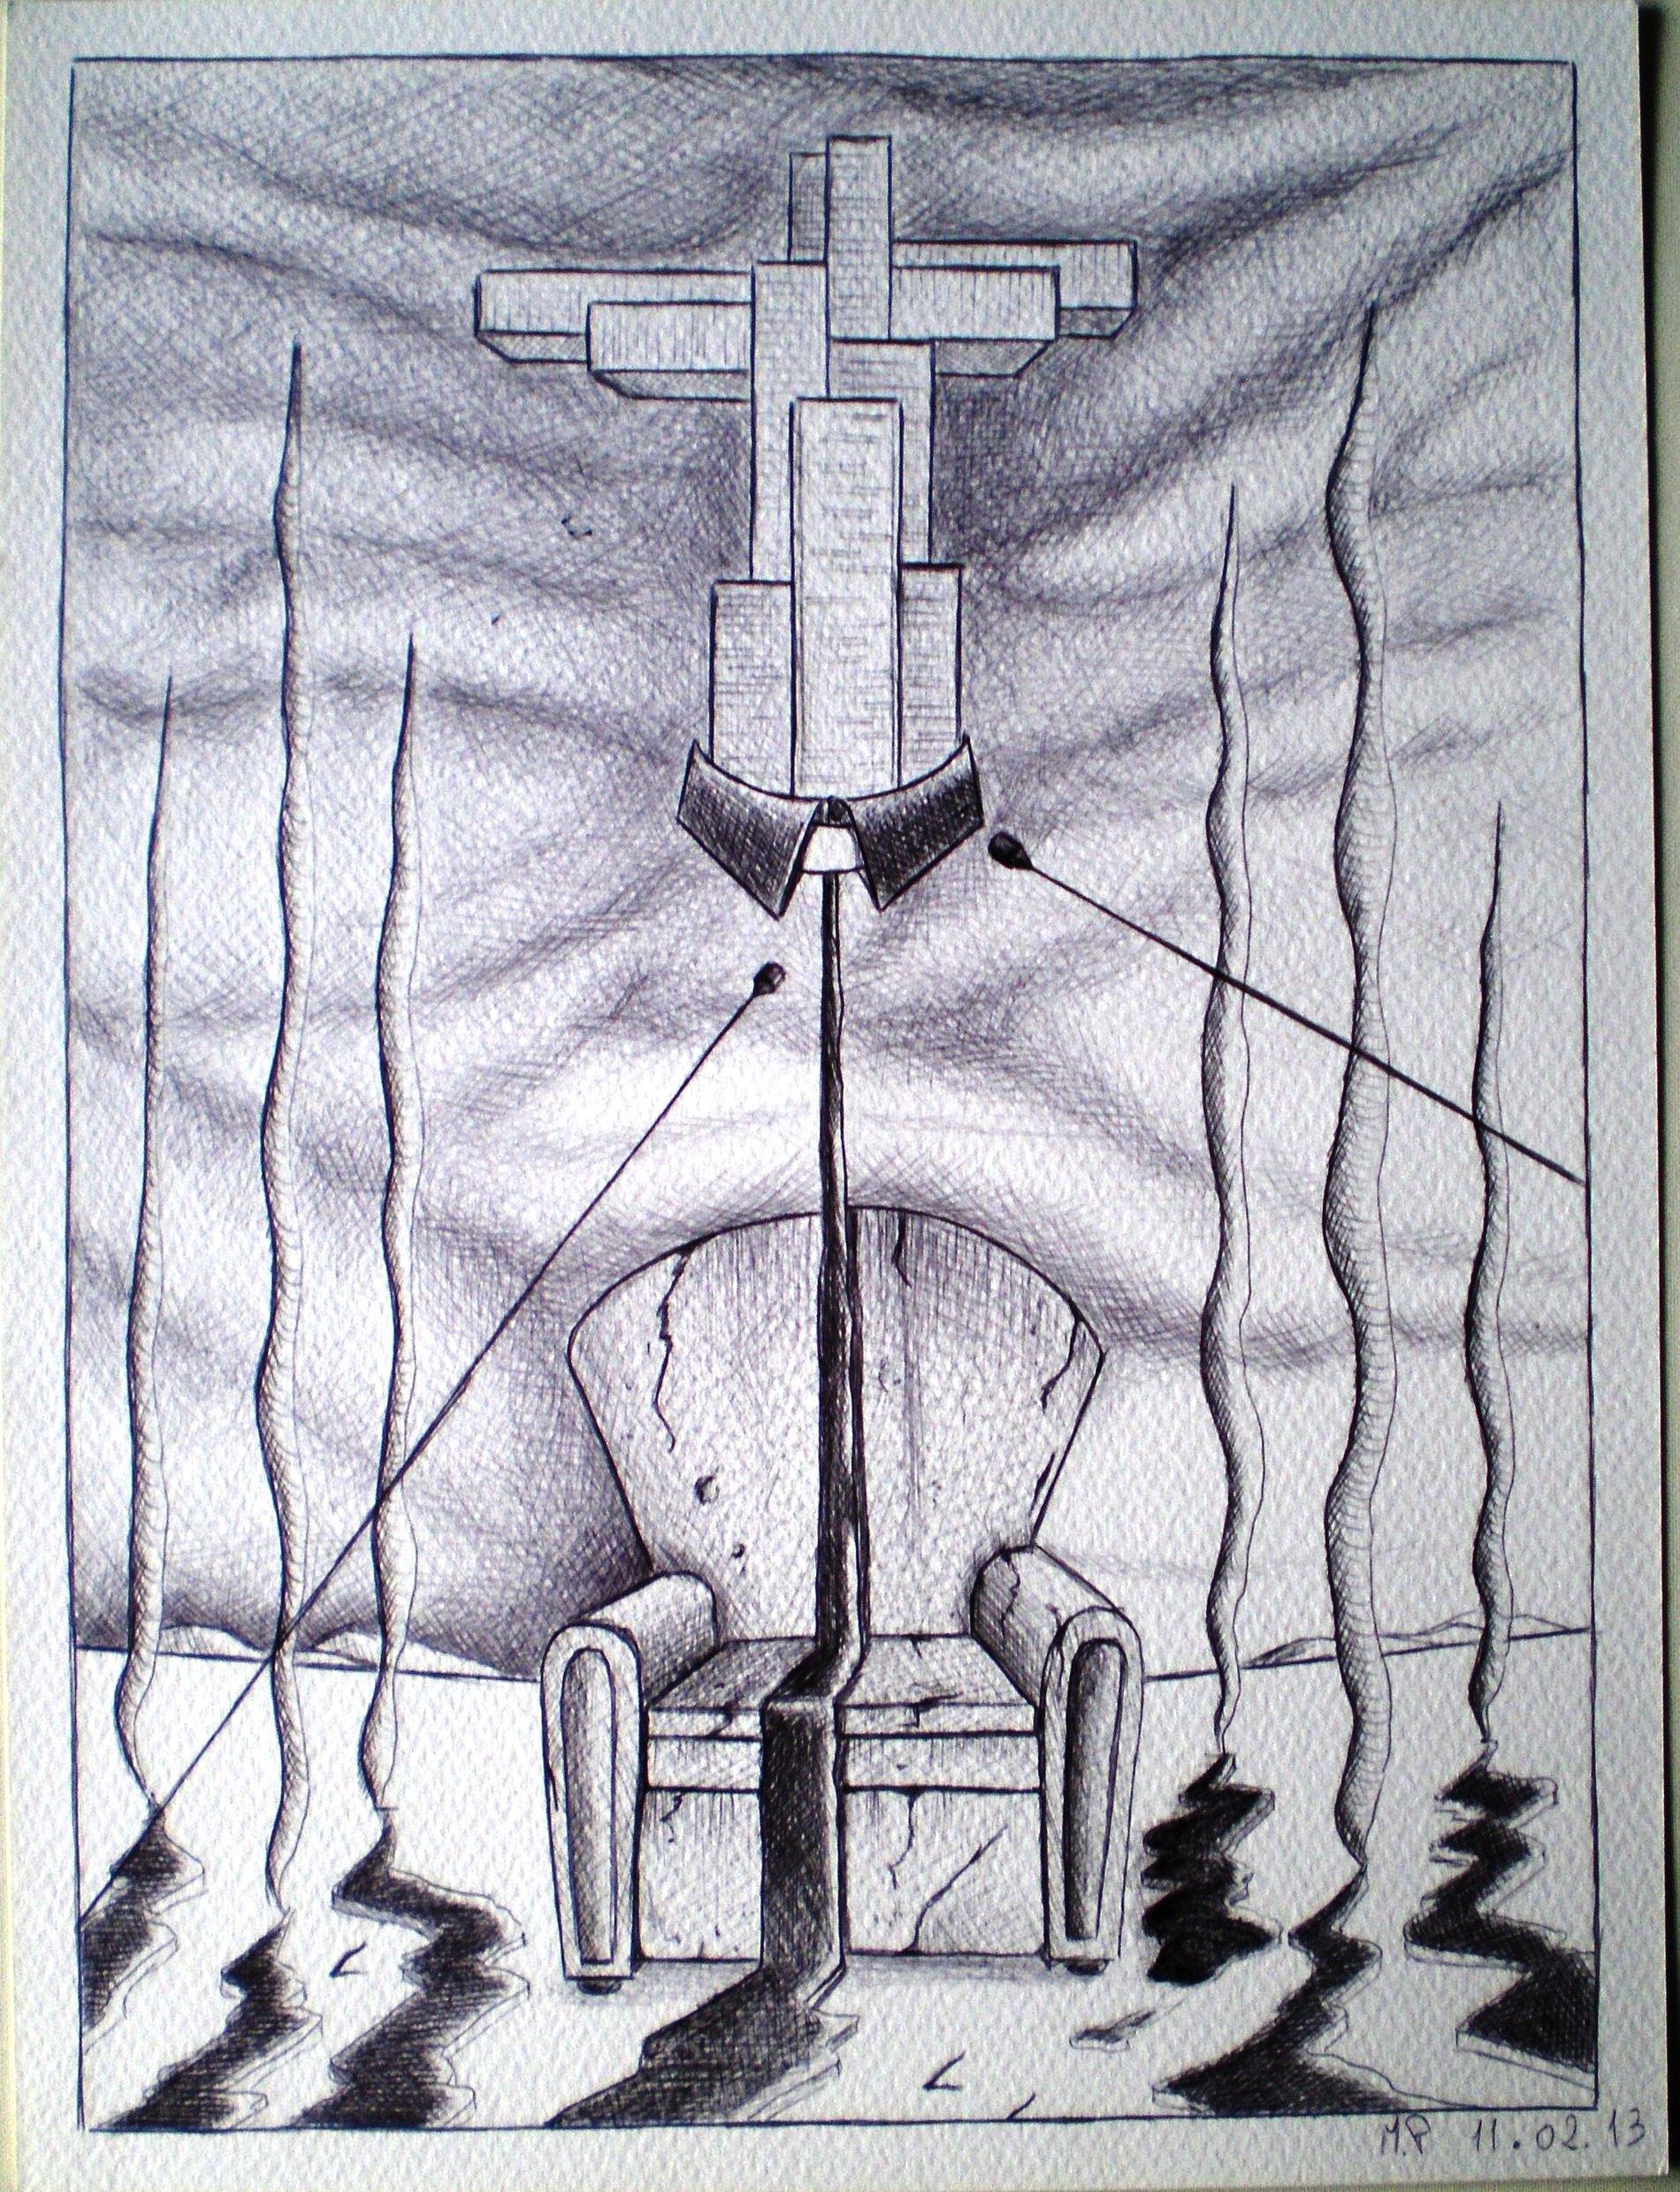 Disegno preparatorio, Tirannia del pregresso, 11/02/13 disegno a penna, Preparatory drawing, Tyranny of past, pen drawing, Pasquale Mastrogiacomo, Acerno (SA)